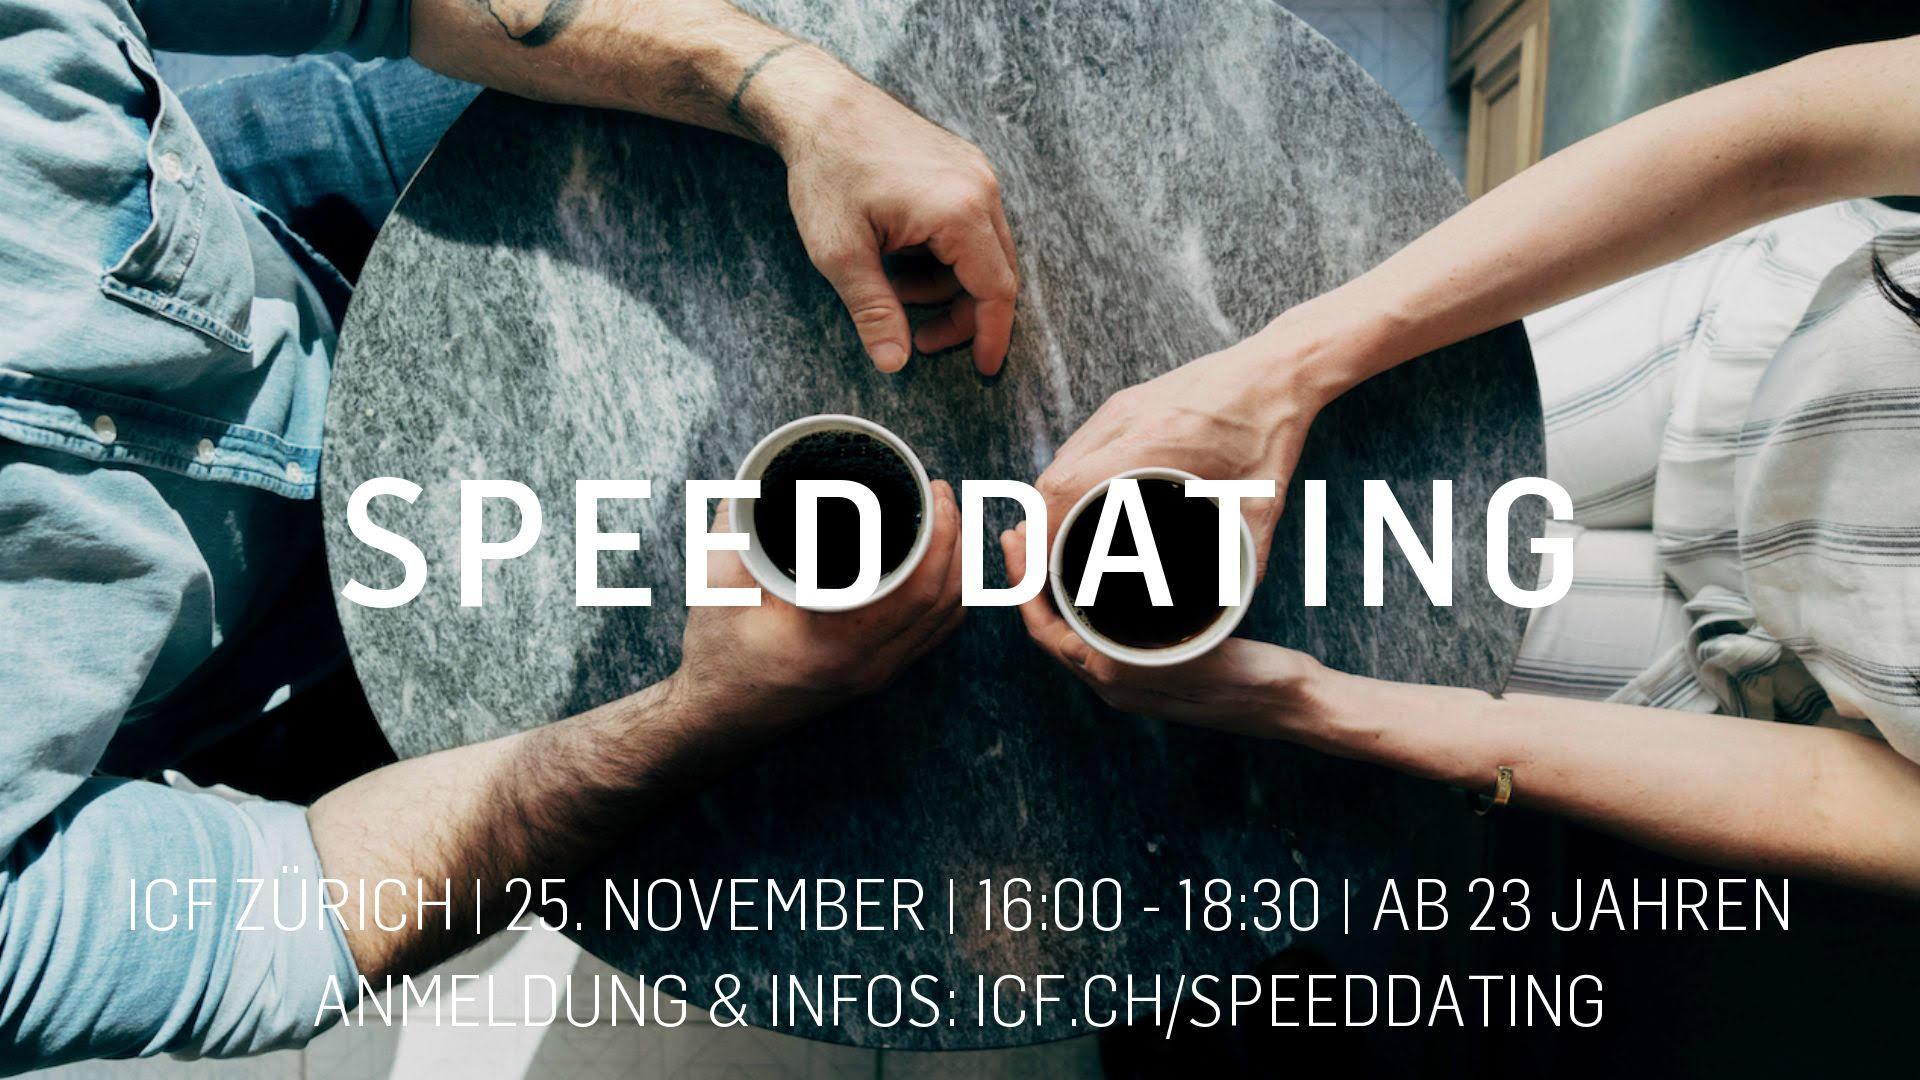 Speed dating bangkok 2018